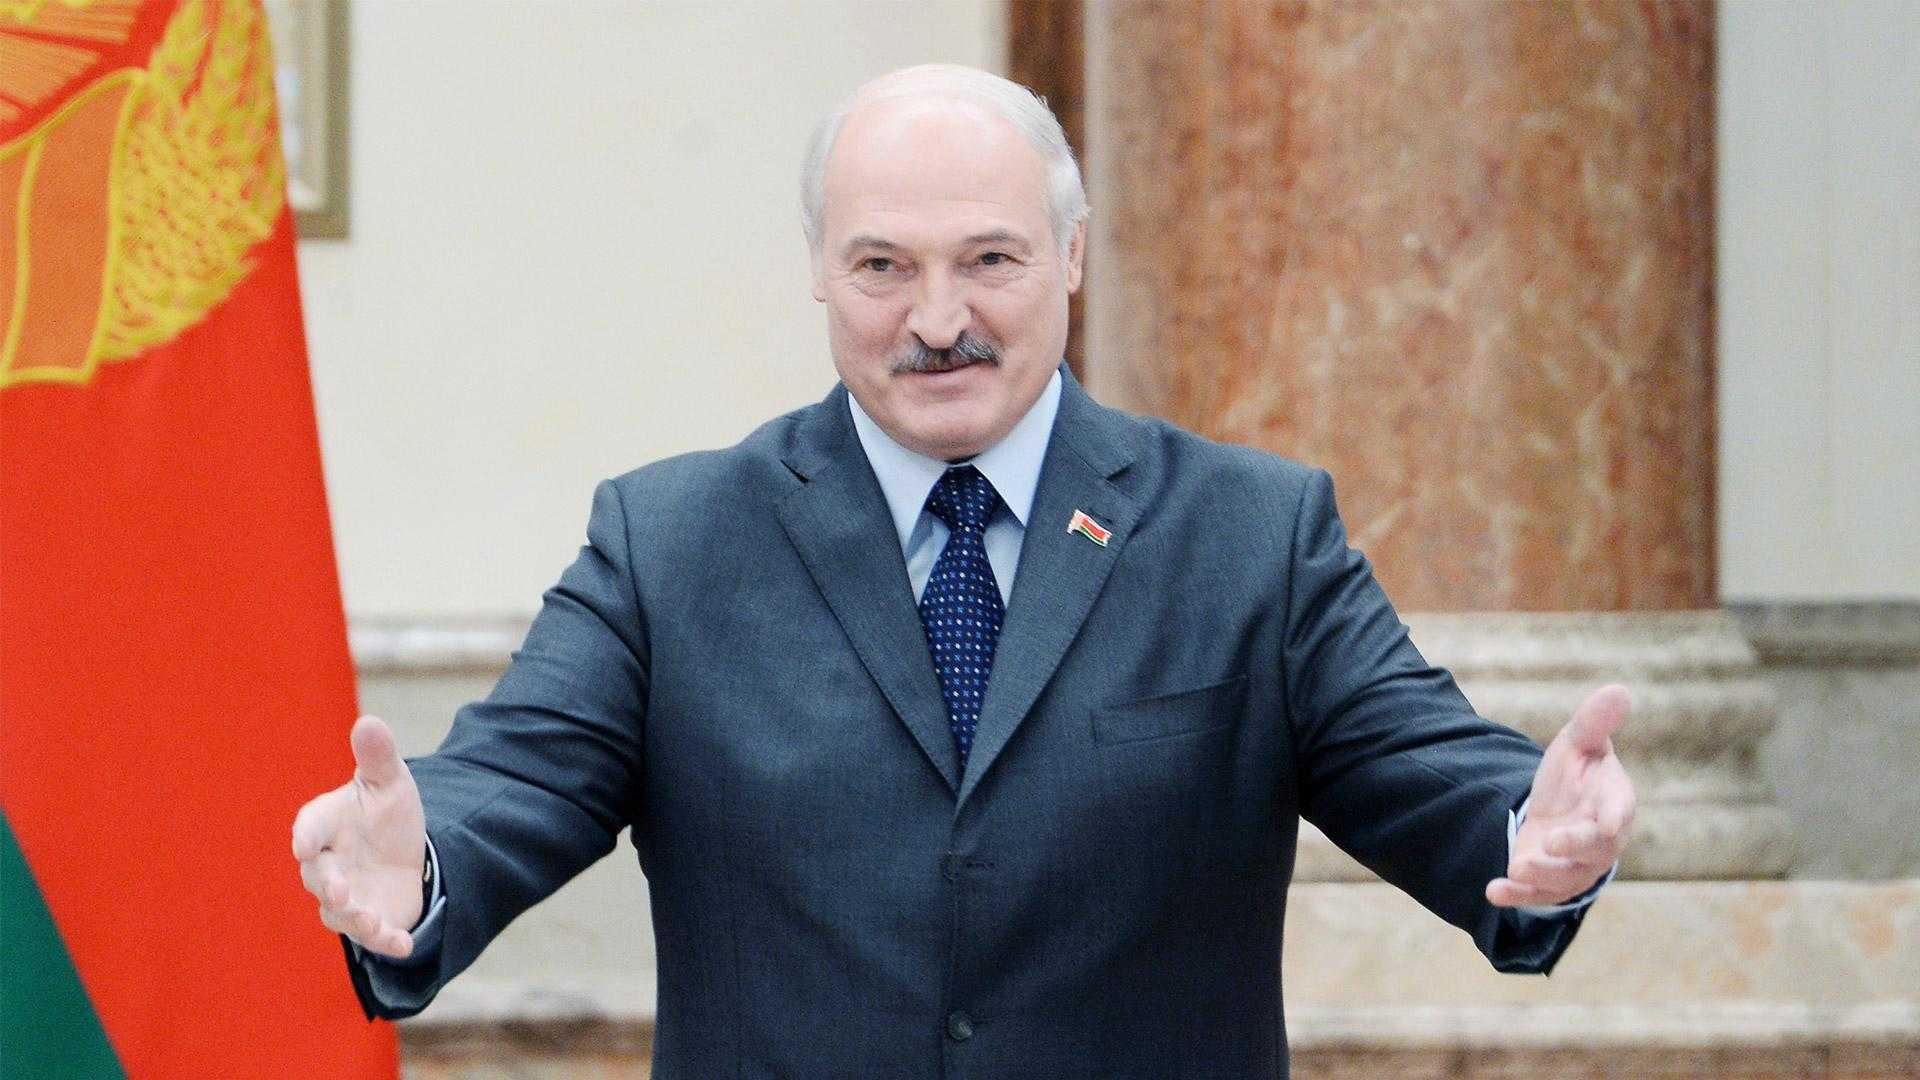 ВОЗ: Беларусь вступает в новый этап развития вспышки коронавируса